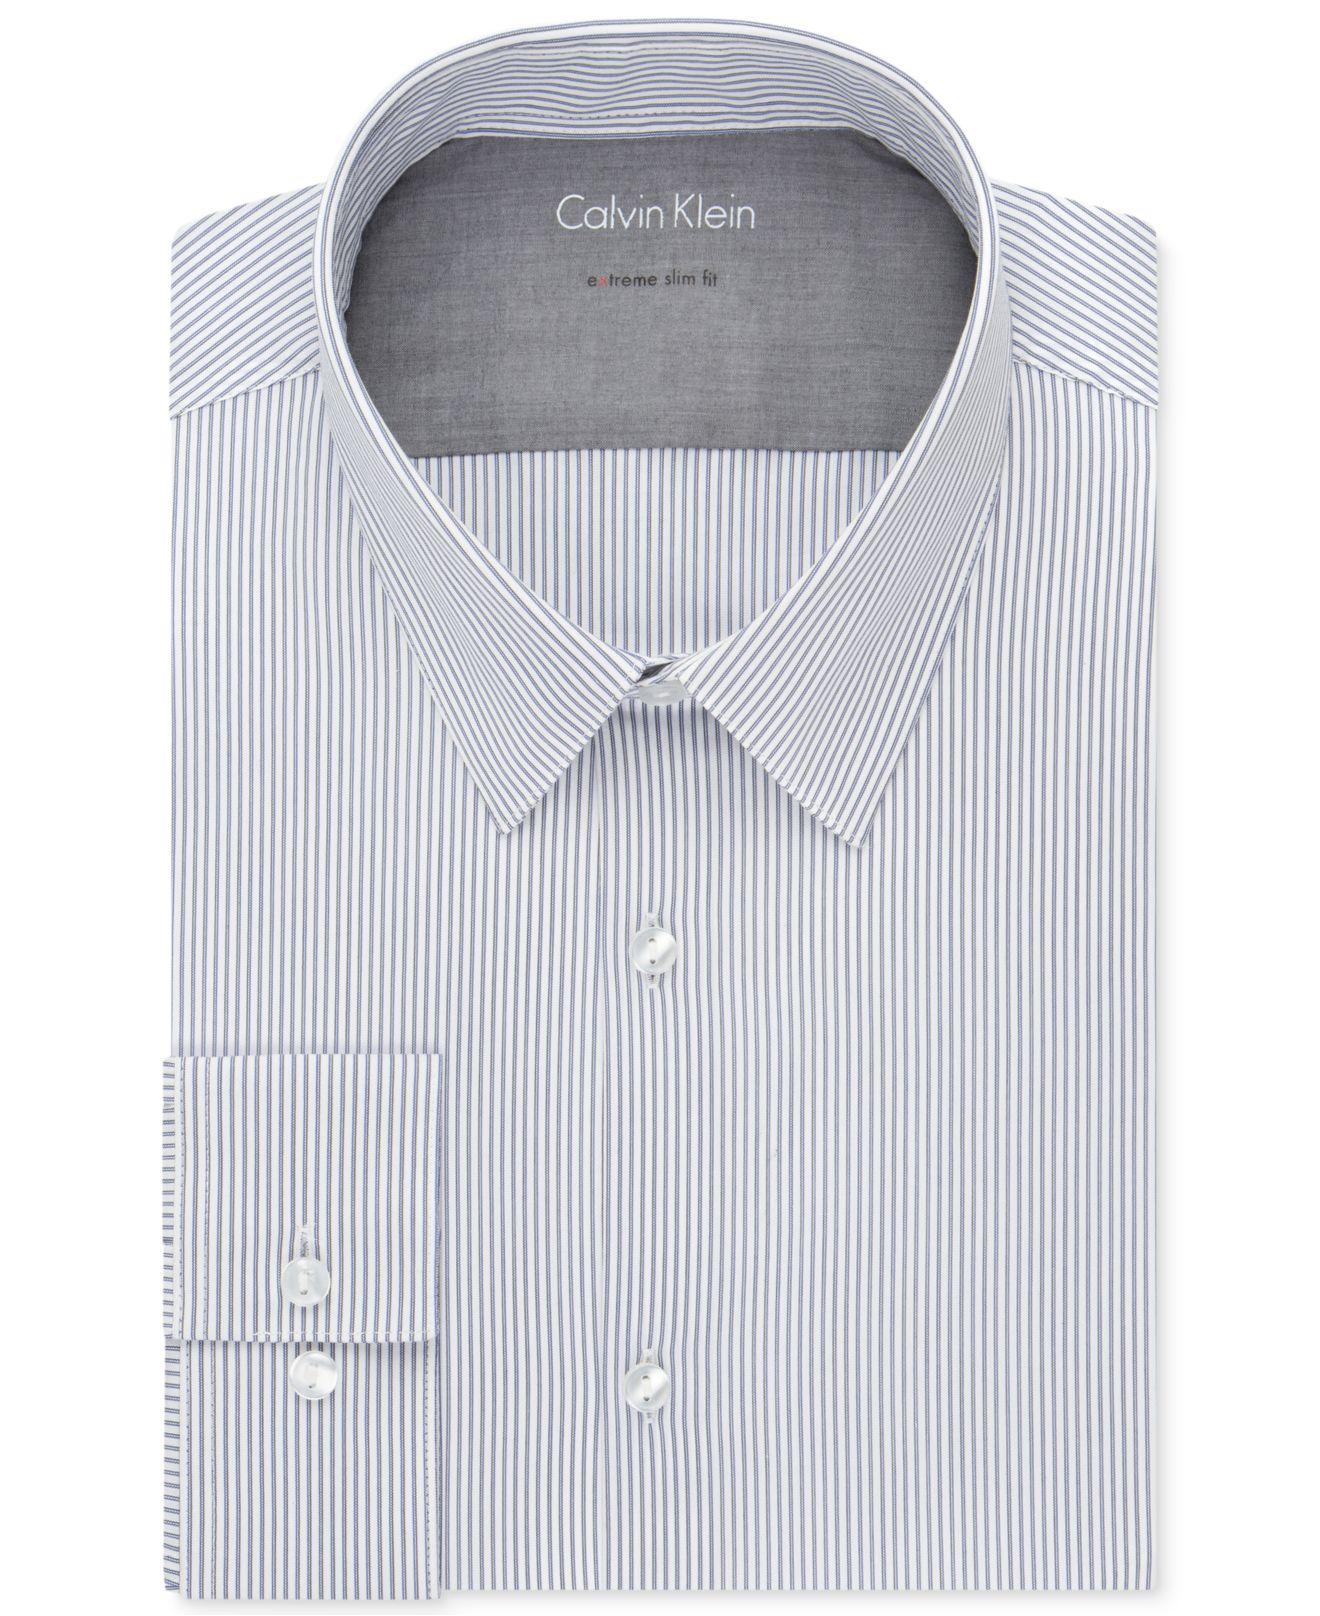 Lyst Calvin Klein X Extra Slim Fit Midnight Stripe Dress Shirt In